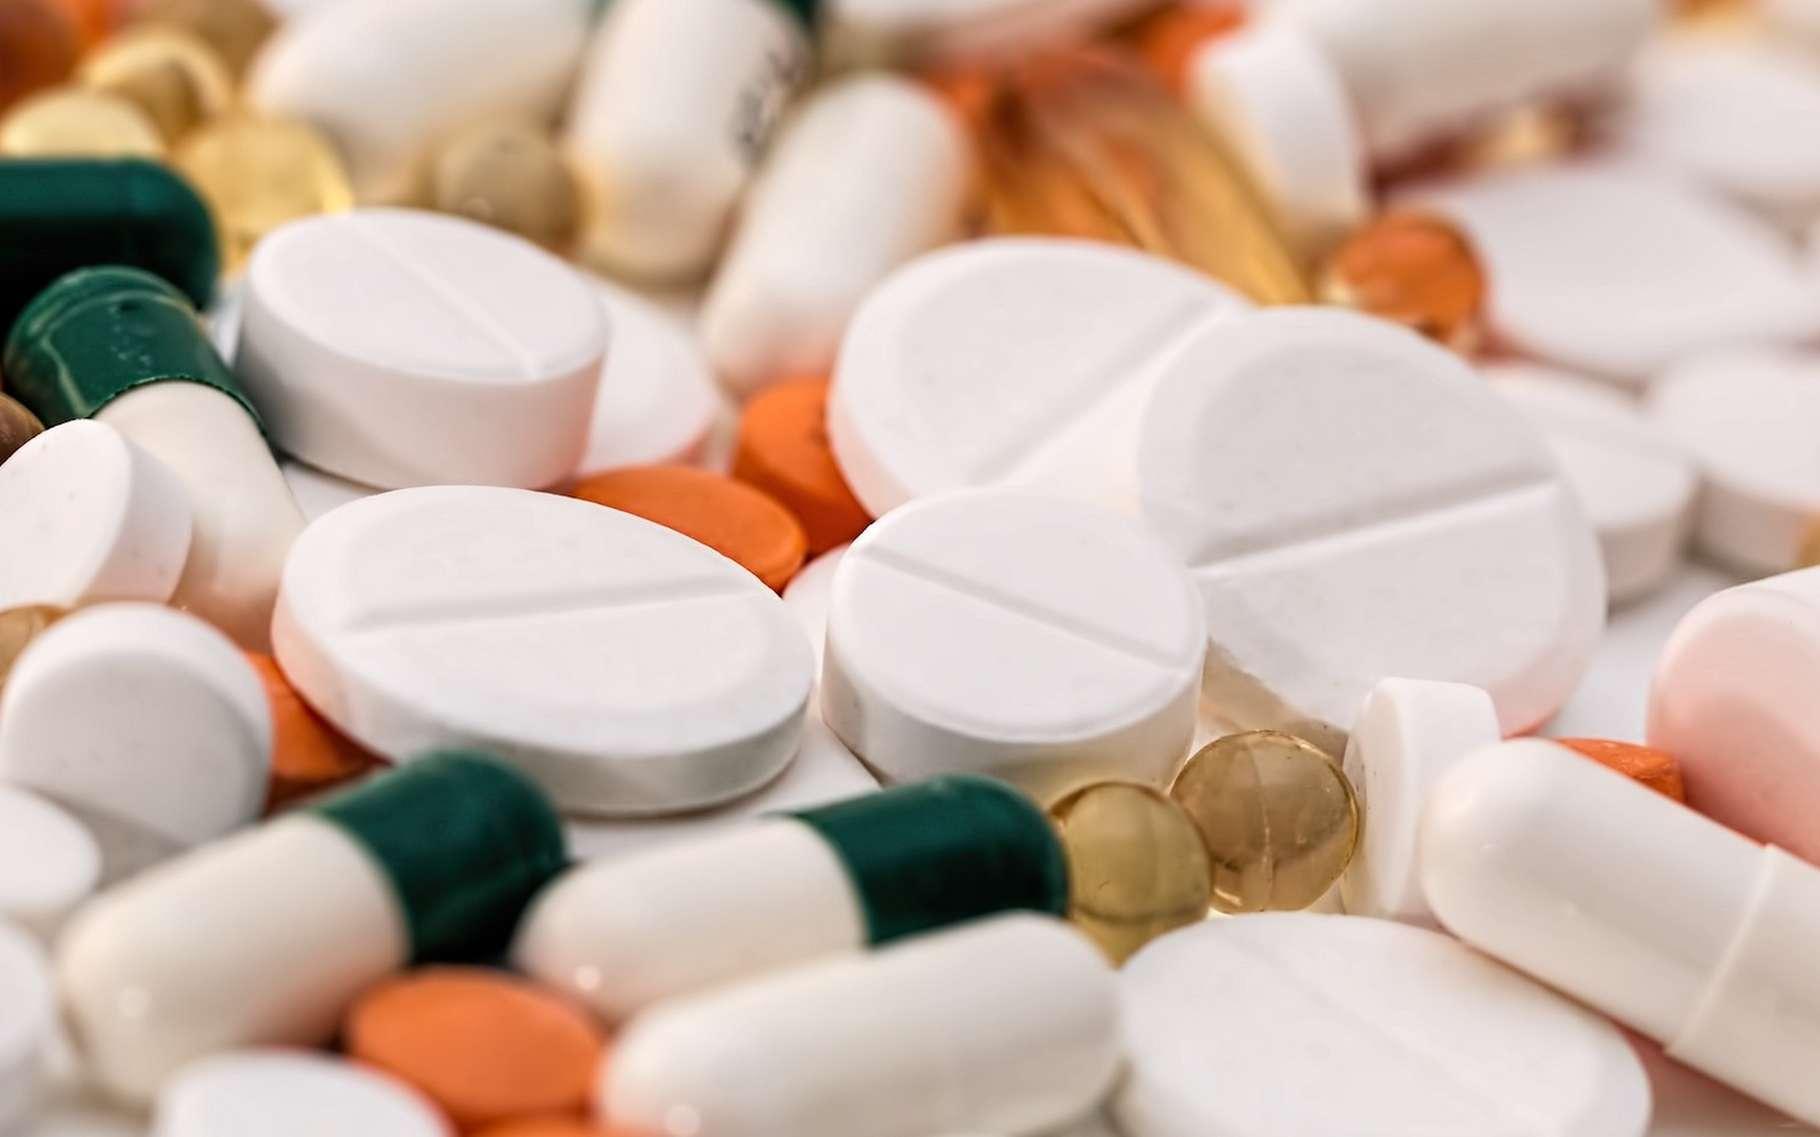 Des chercheurs avancent que la résistance d'Helicobacter pylori à la clarithromycine a doublé ces vingt dernières années. © stevepb, Pixabay License